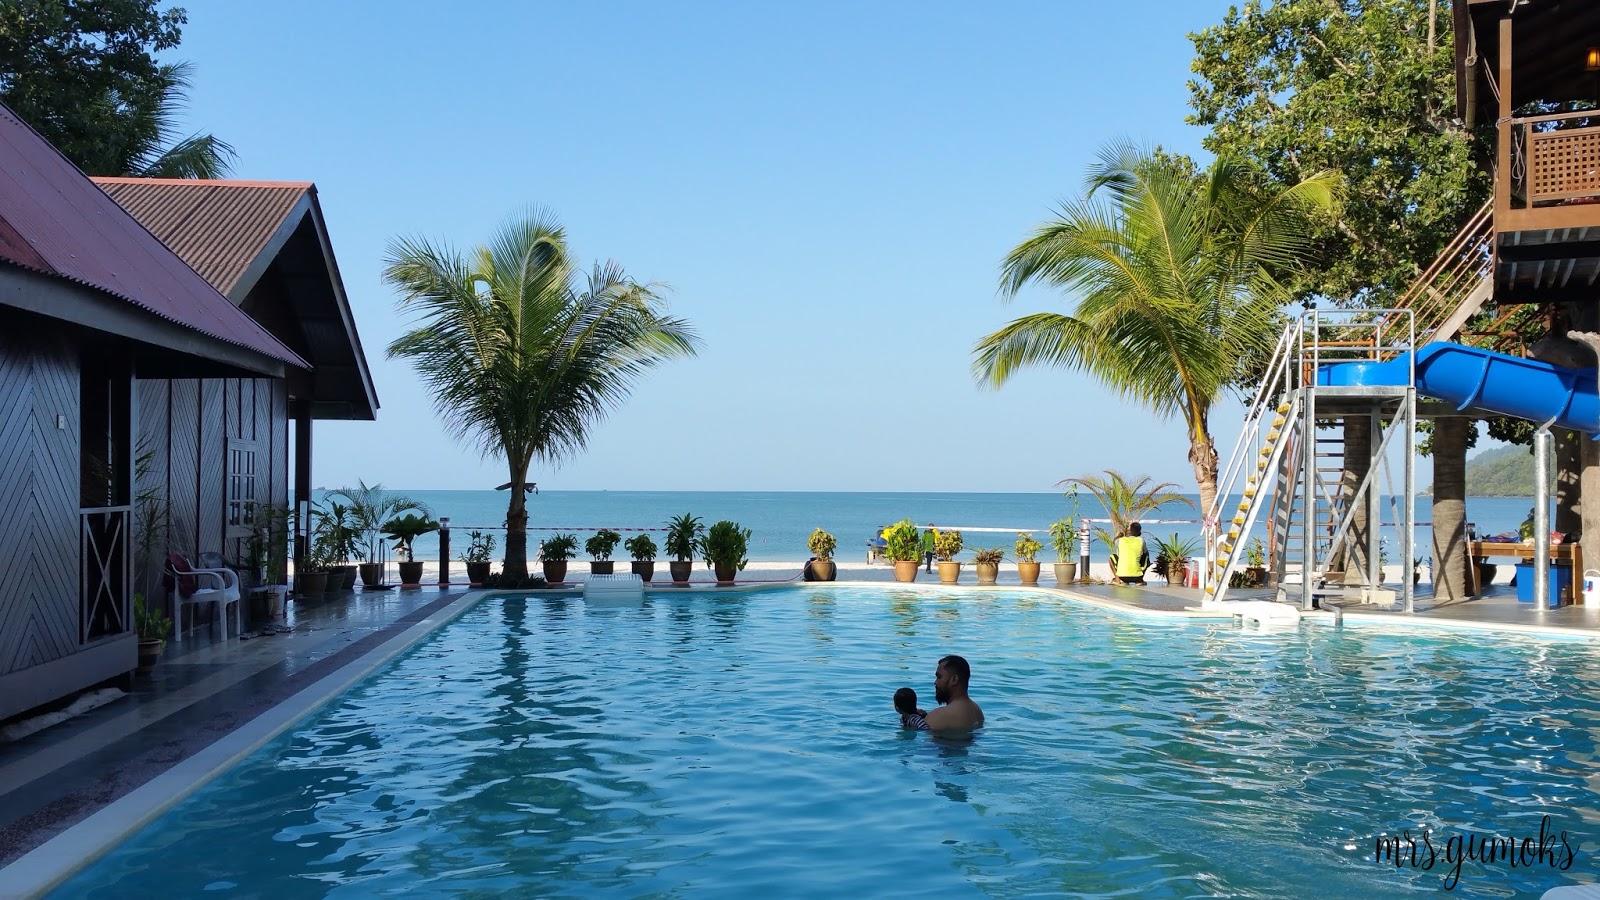 Kotak Kecil Hatiku Hotel Review Malibest Resort Pantai Chenang Langkawi